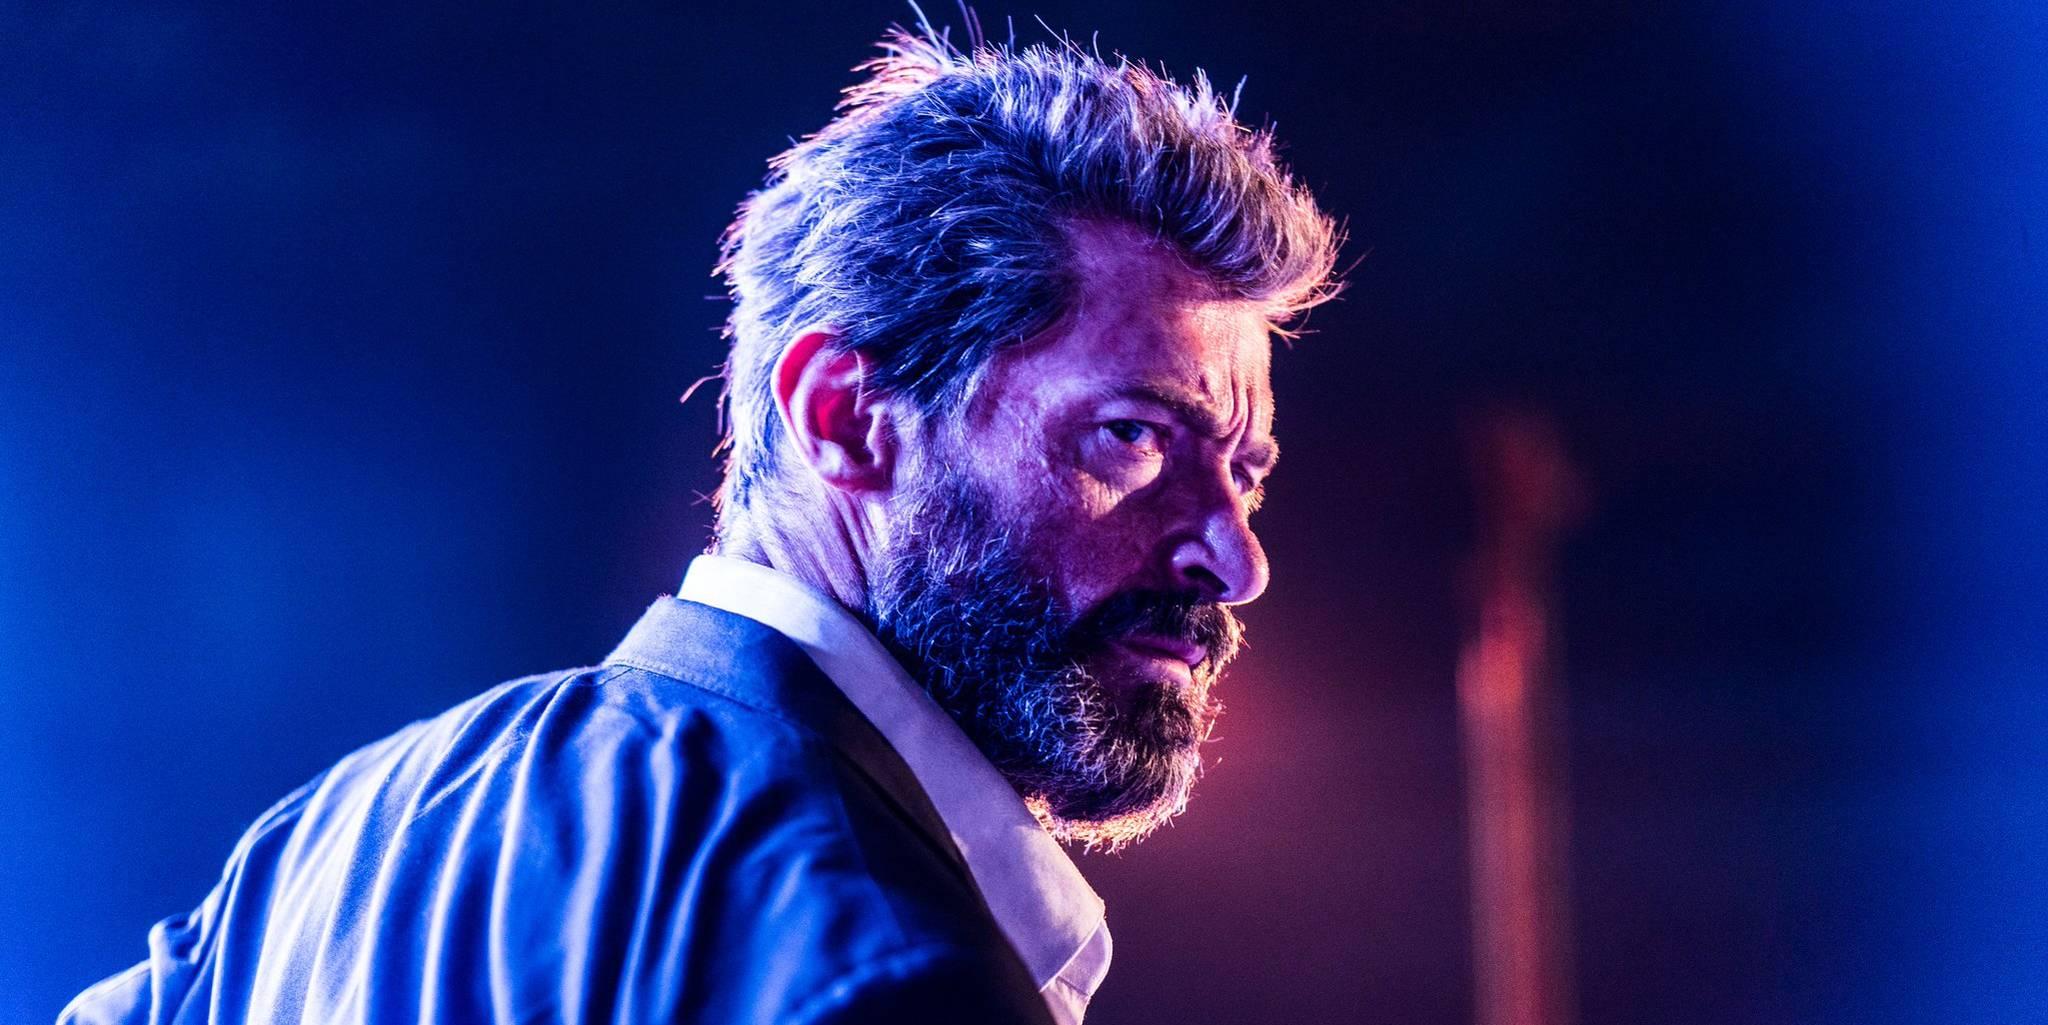 Hugh Jackman as Logan - Logan Review